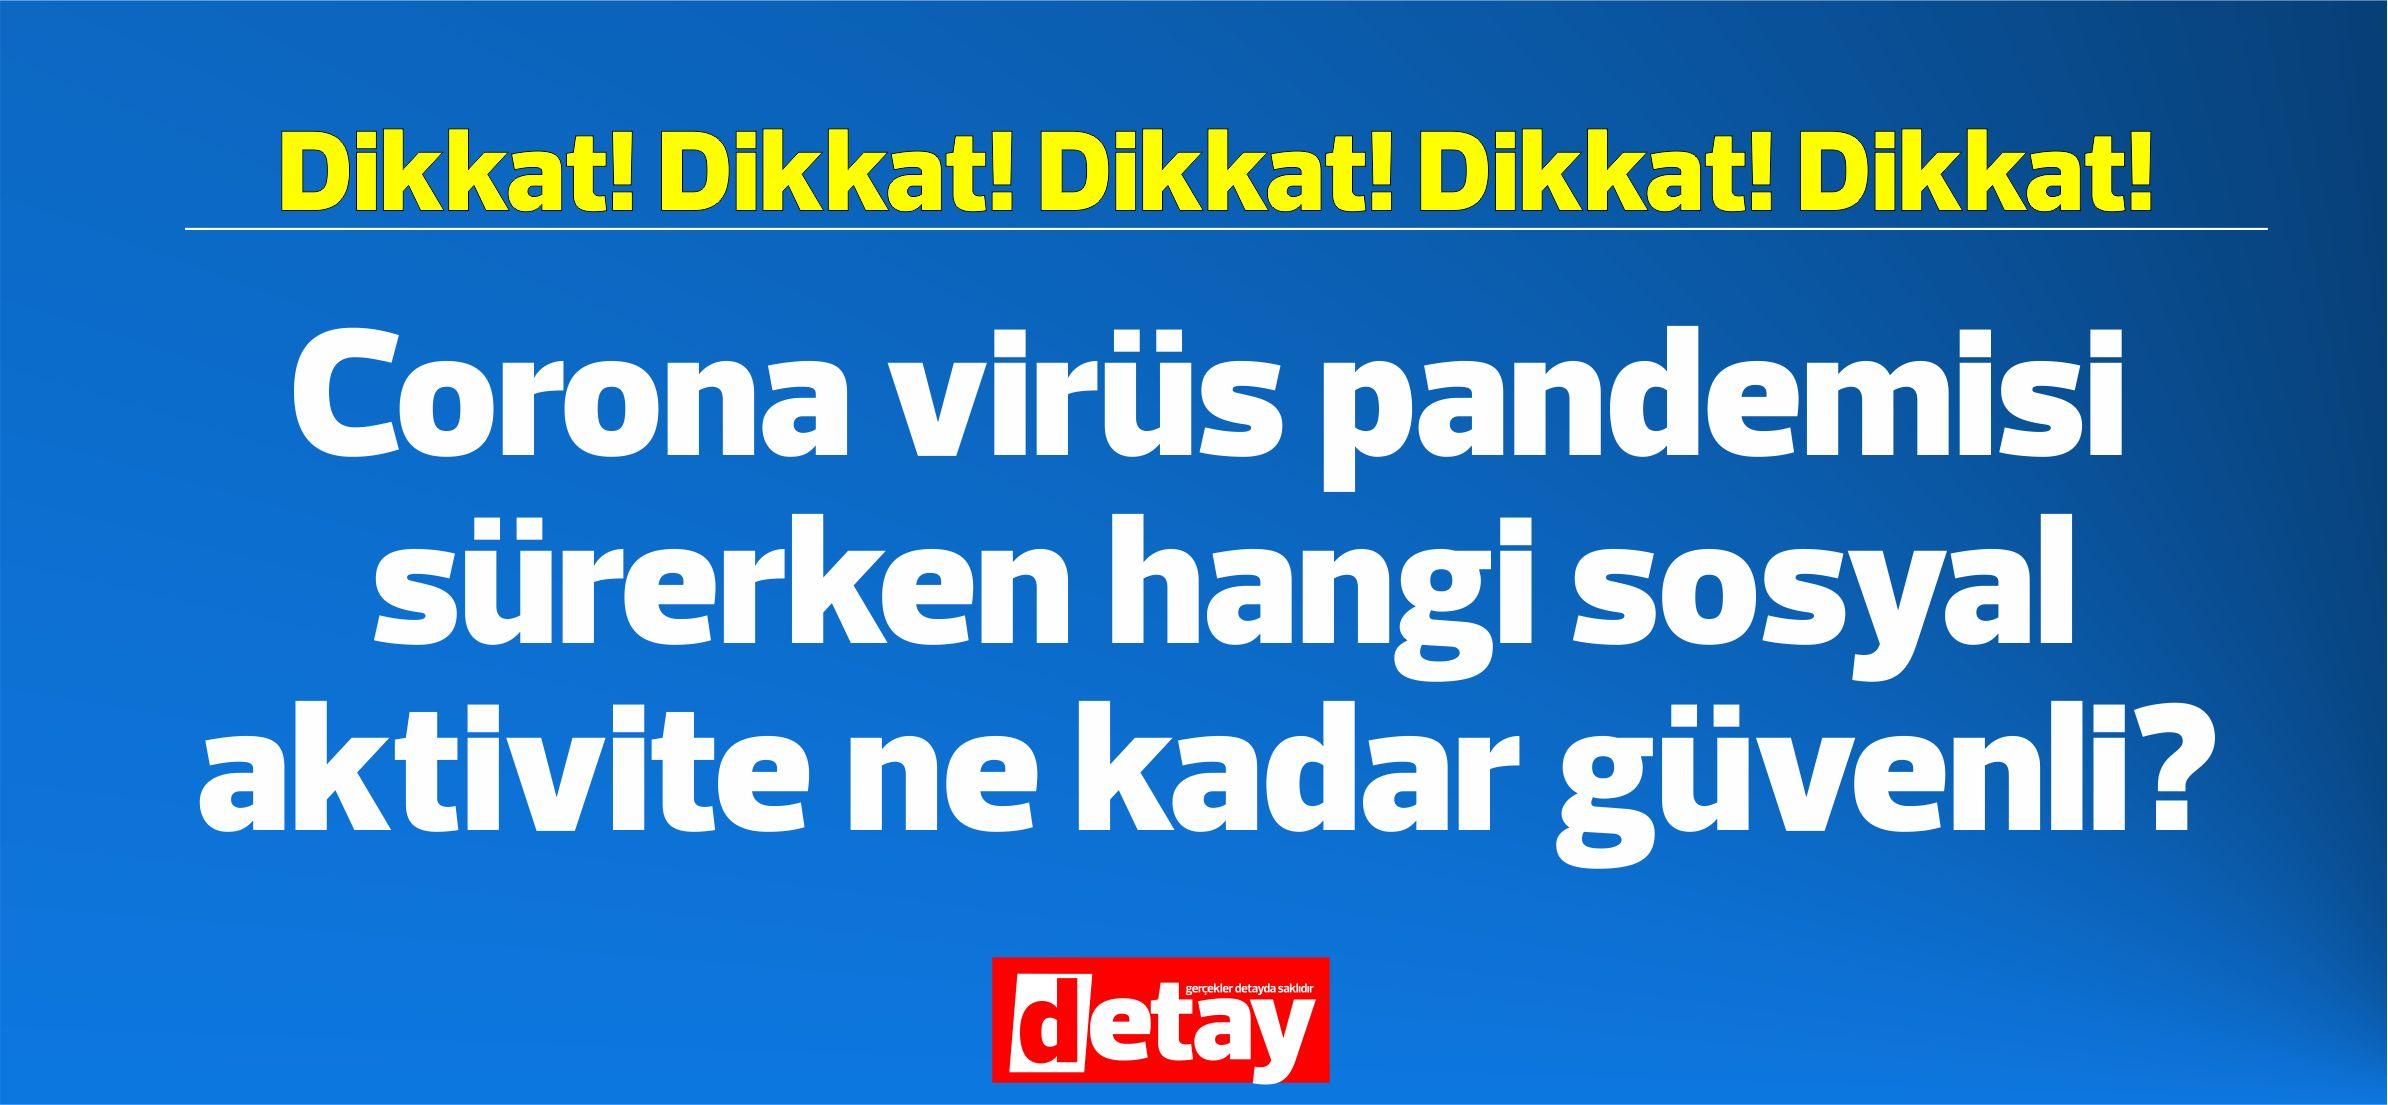 Corona virüs pandemisi sürerken hangi sosyal aktivite ne kadar güvenli?